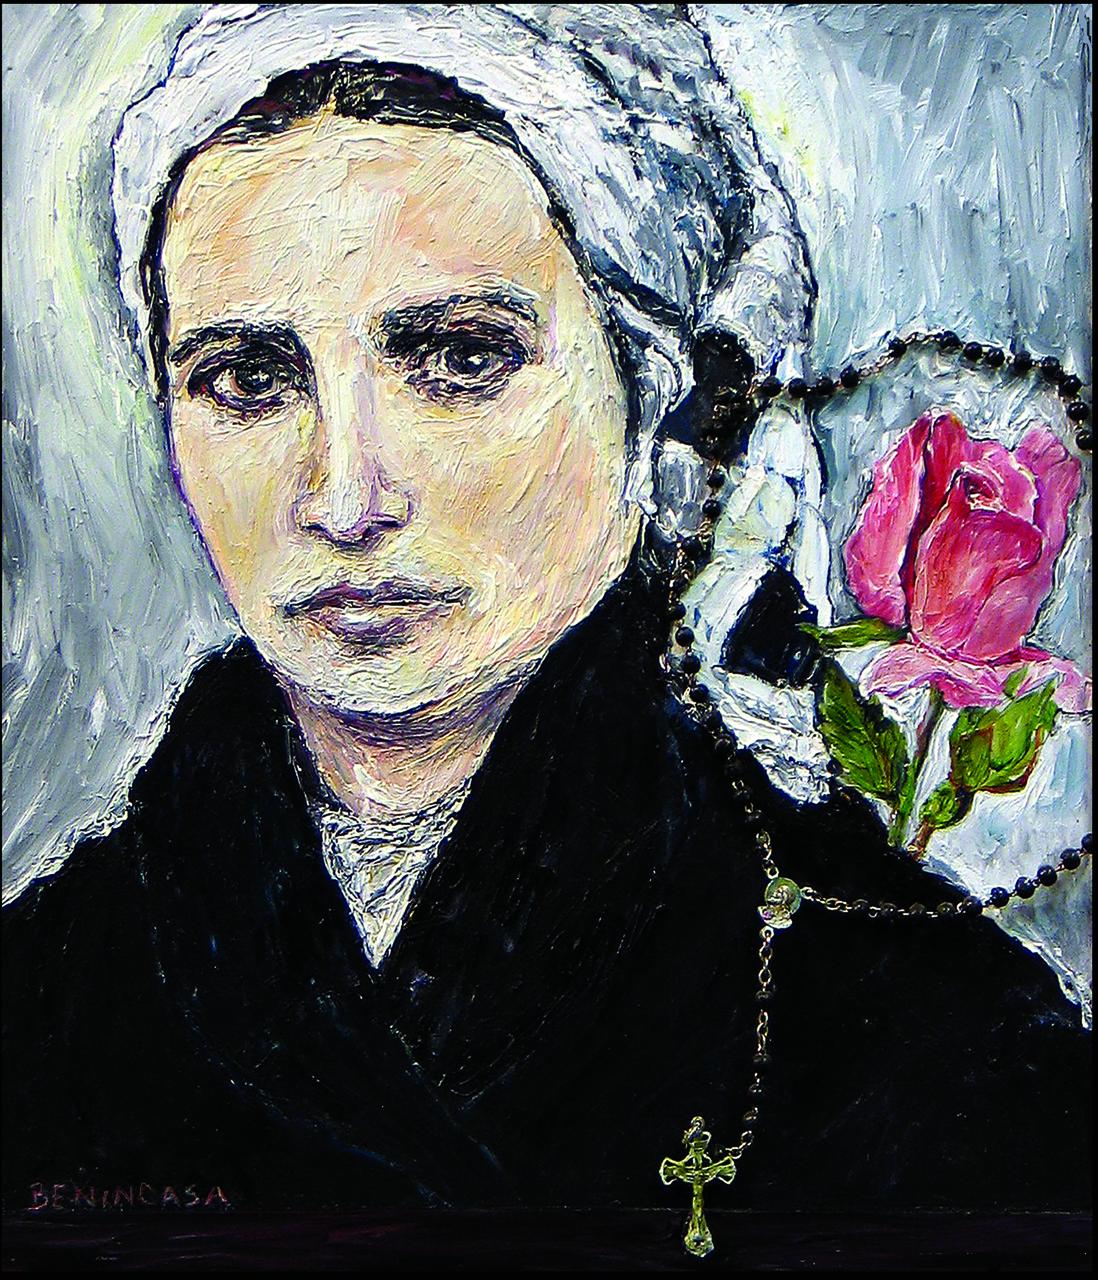 St. Bernadette, 2005